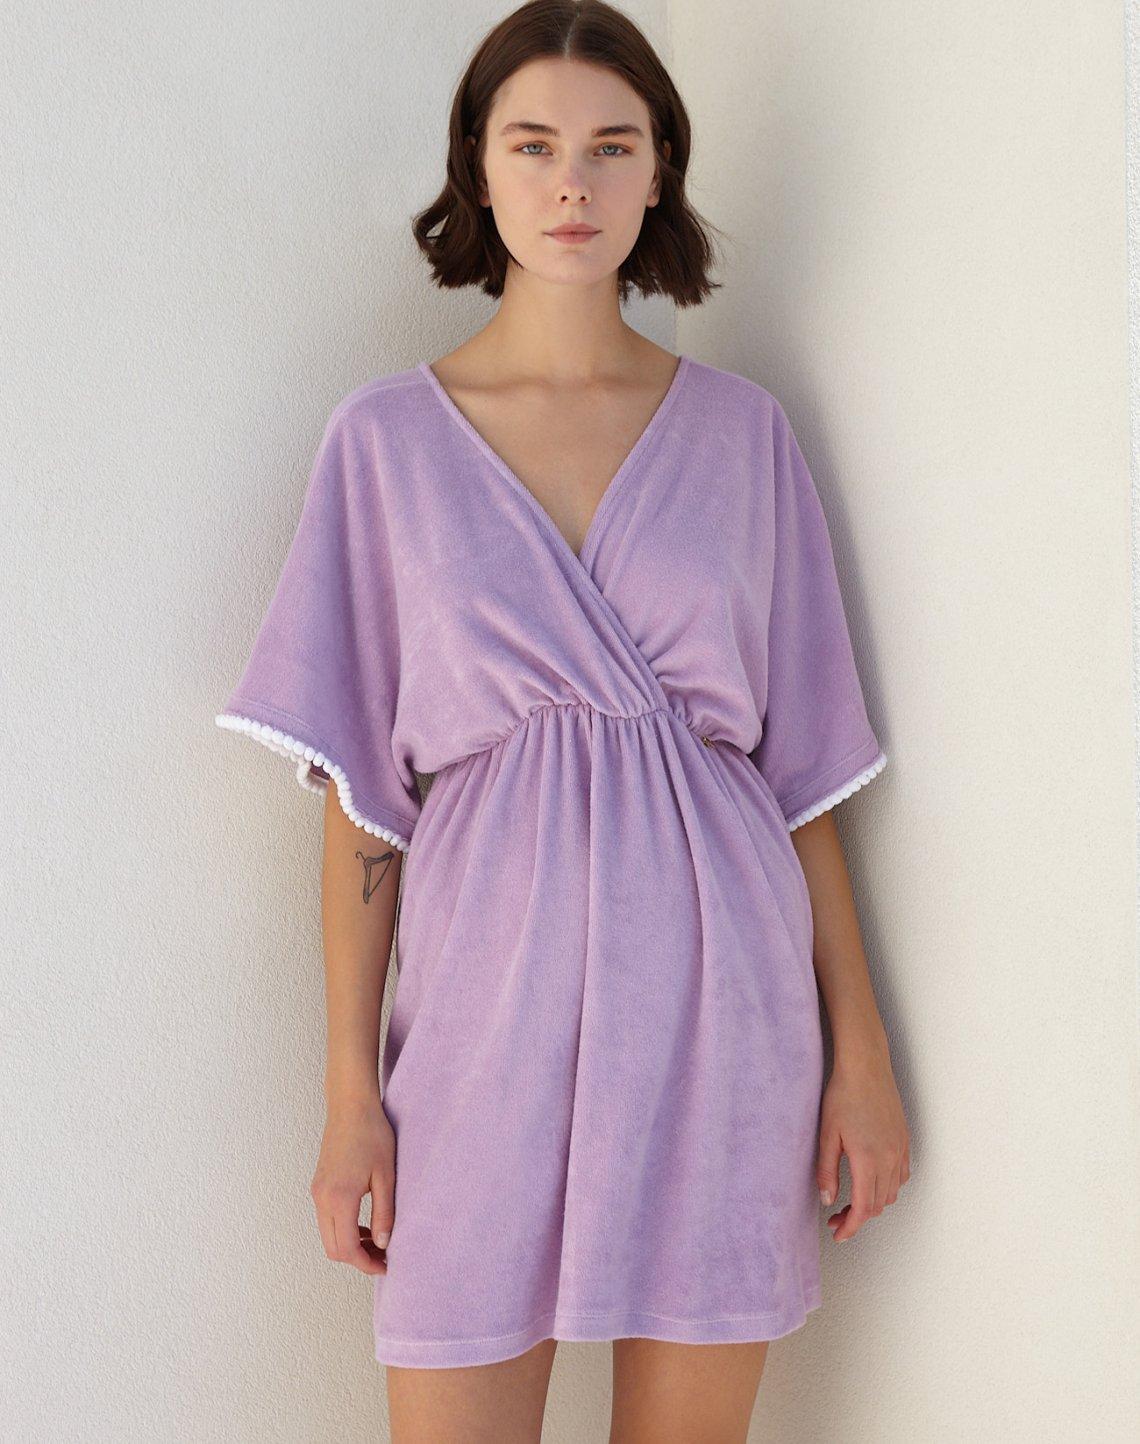 Mini towel dress with pom poms